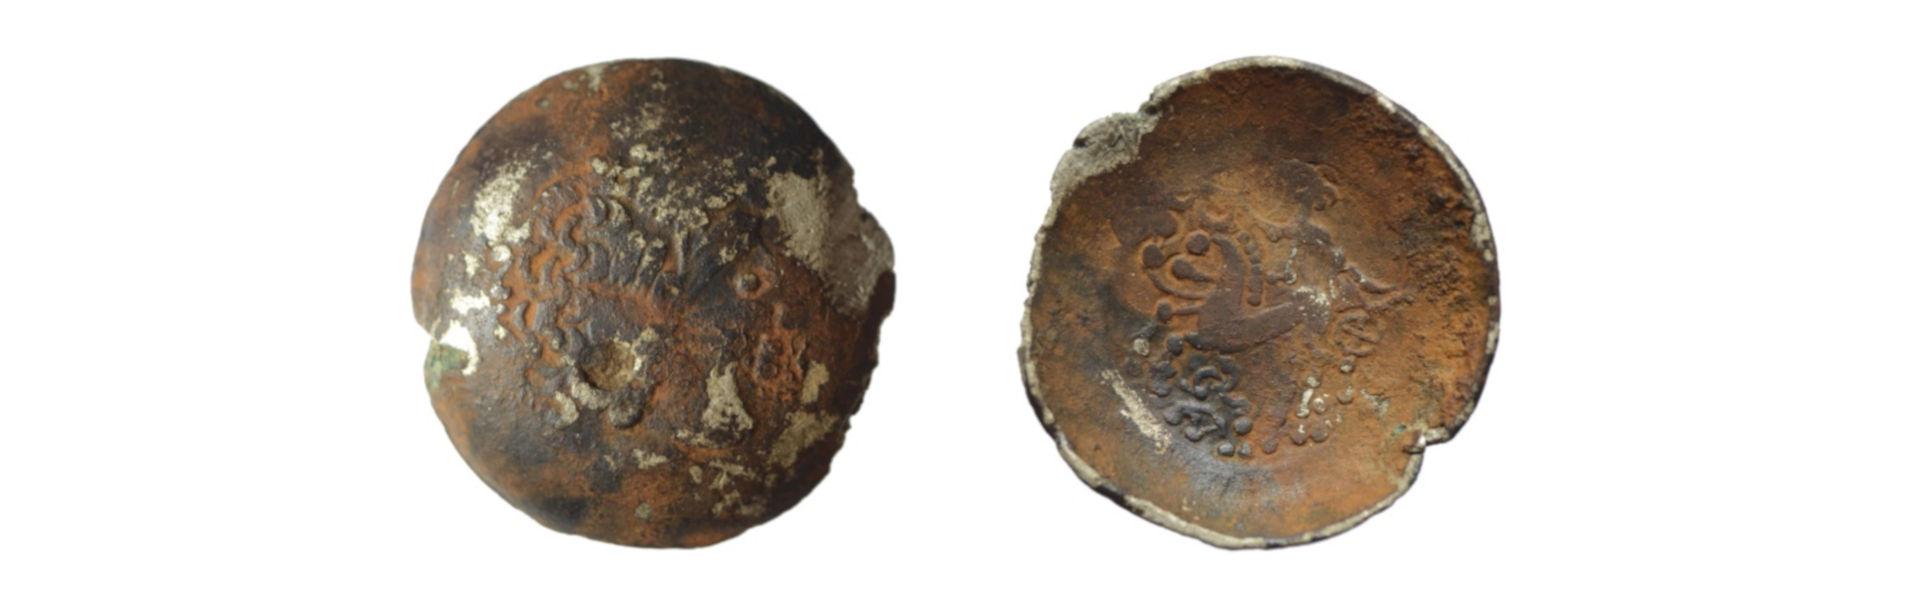 Vorder- und Rückseite einer Münze aus dem keltischen Schatzfund von Tägerwilen. Photo credits: © 2018 Amt für Archäologie des Kantons Thurgau (Foto: Julian Rüthi).